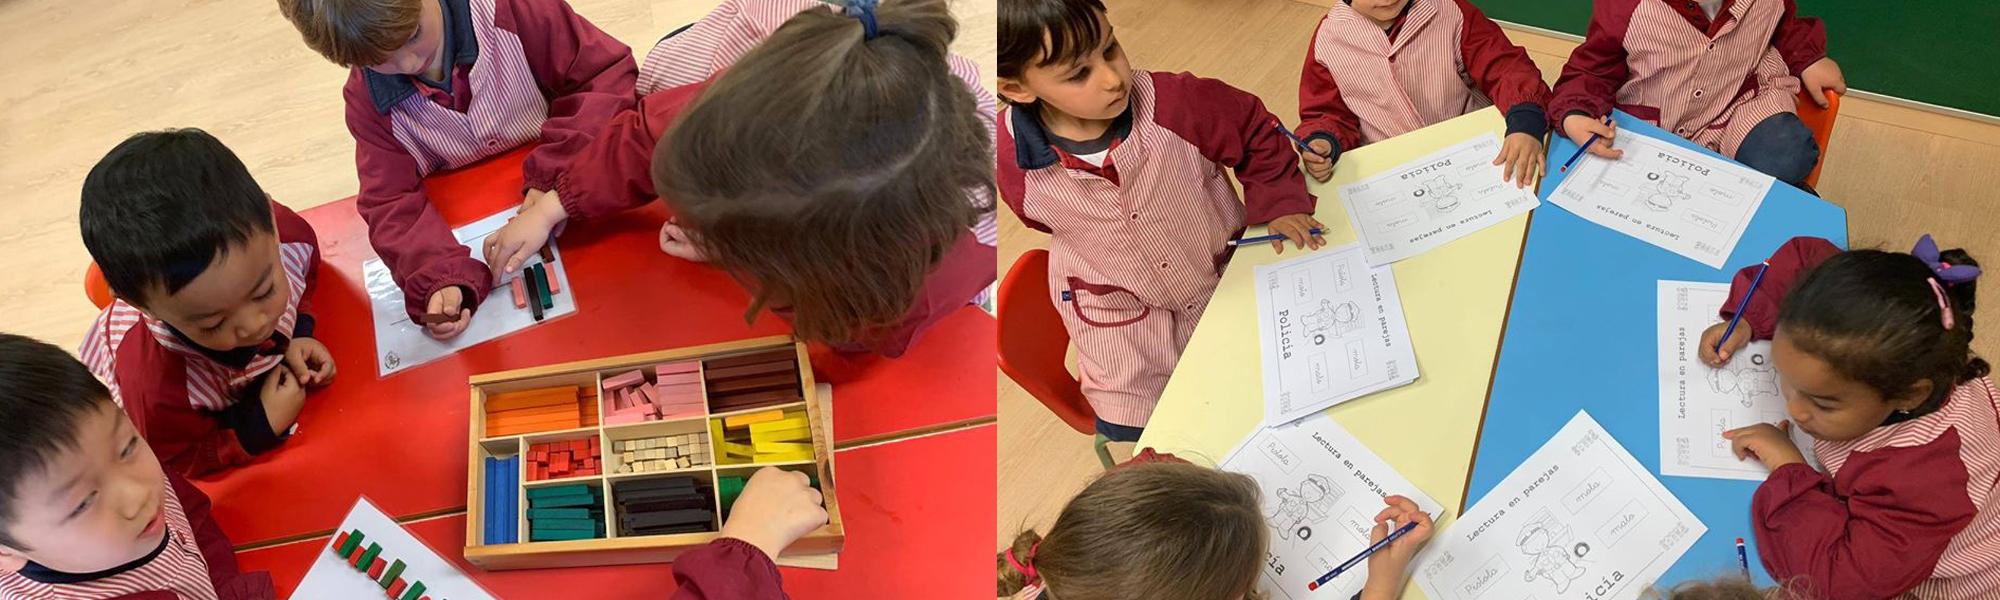 Aprendizaje cooperativo colegio El Porvenir